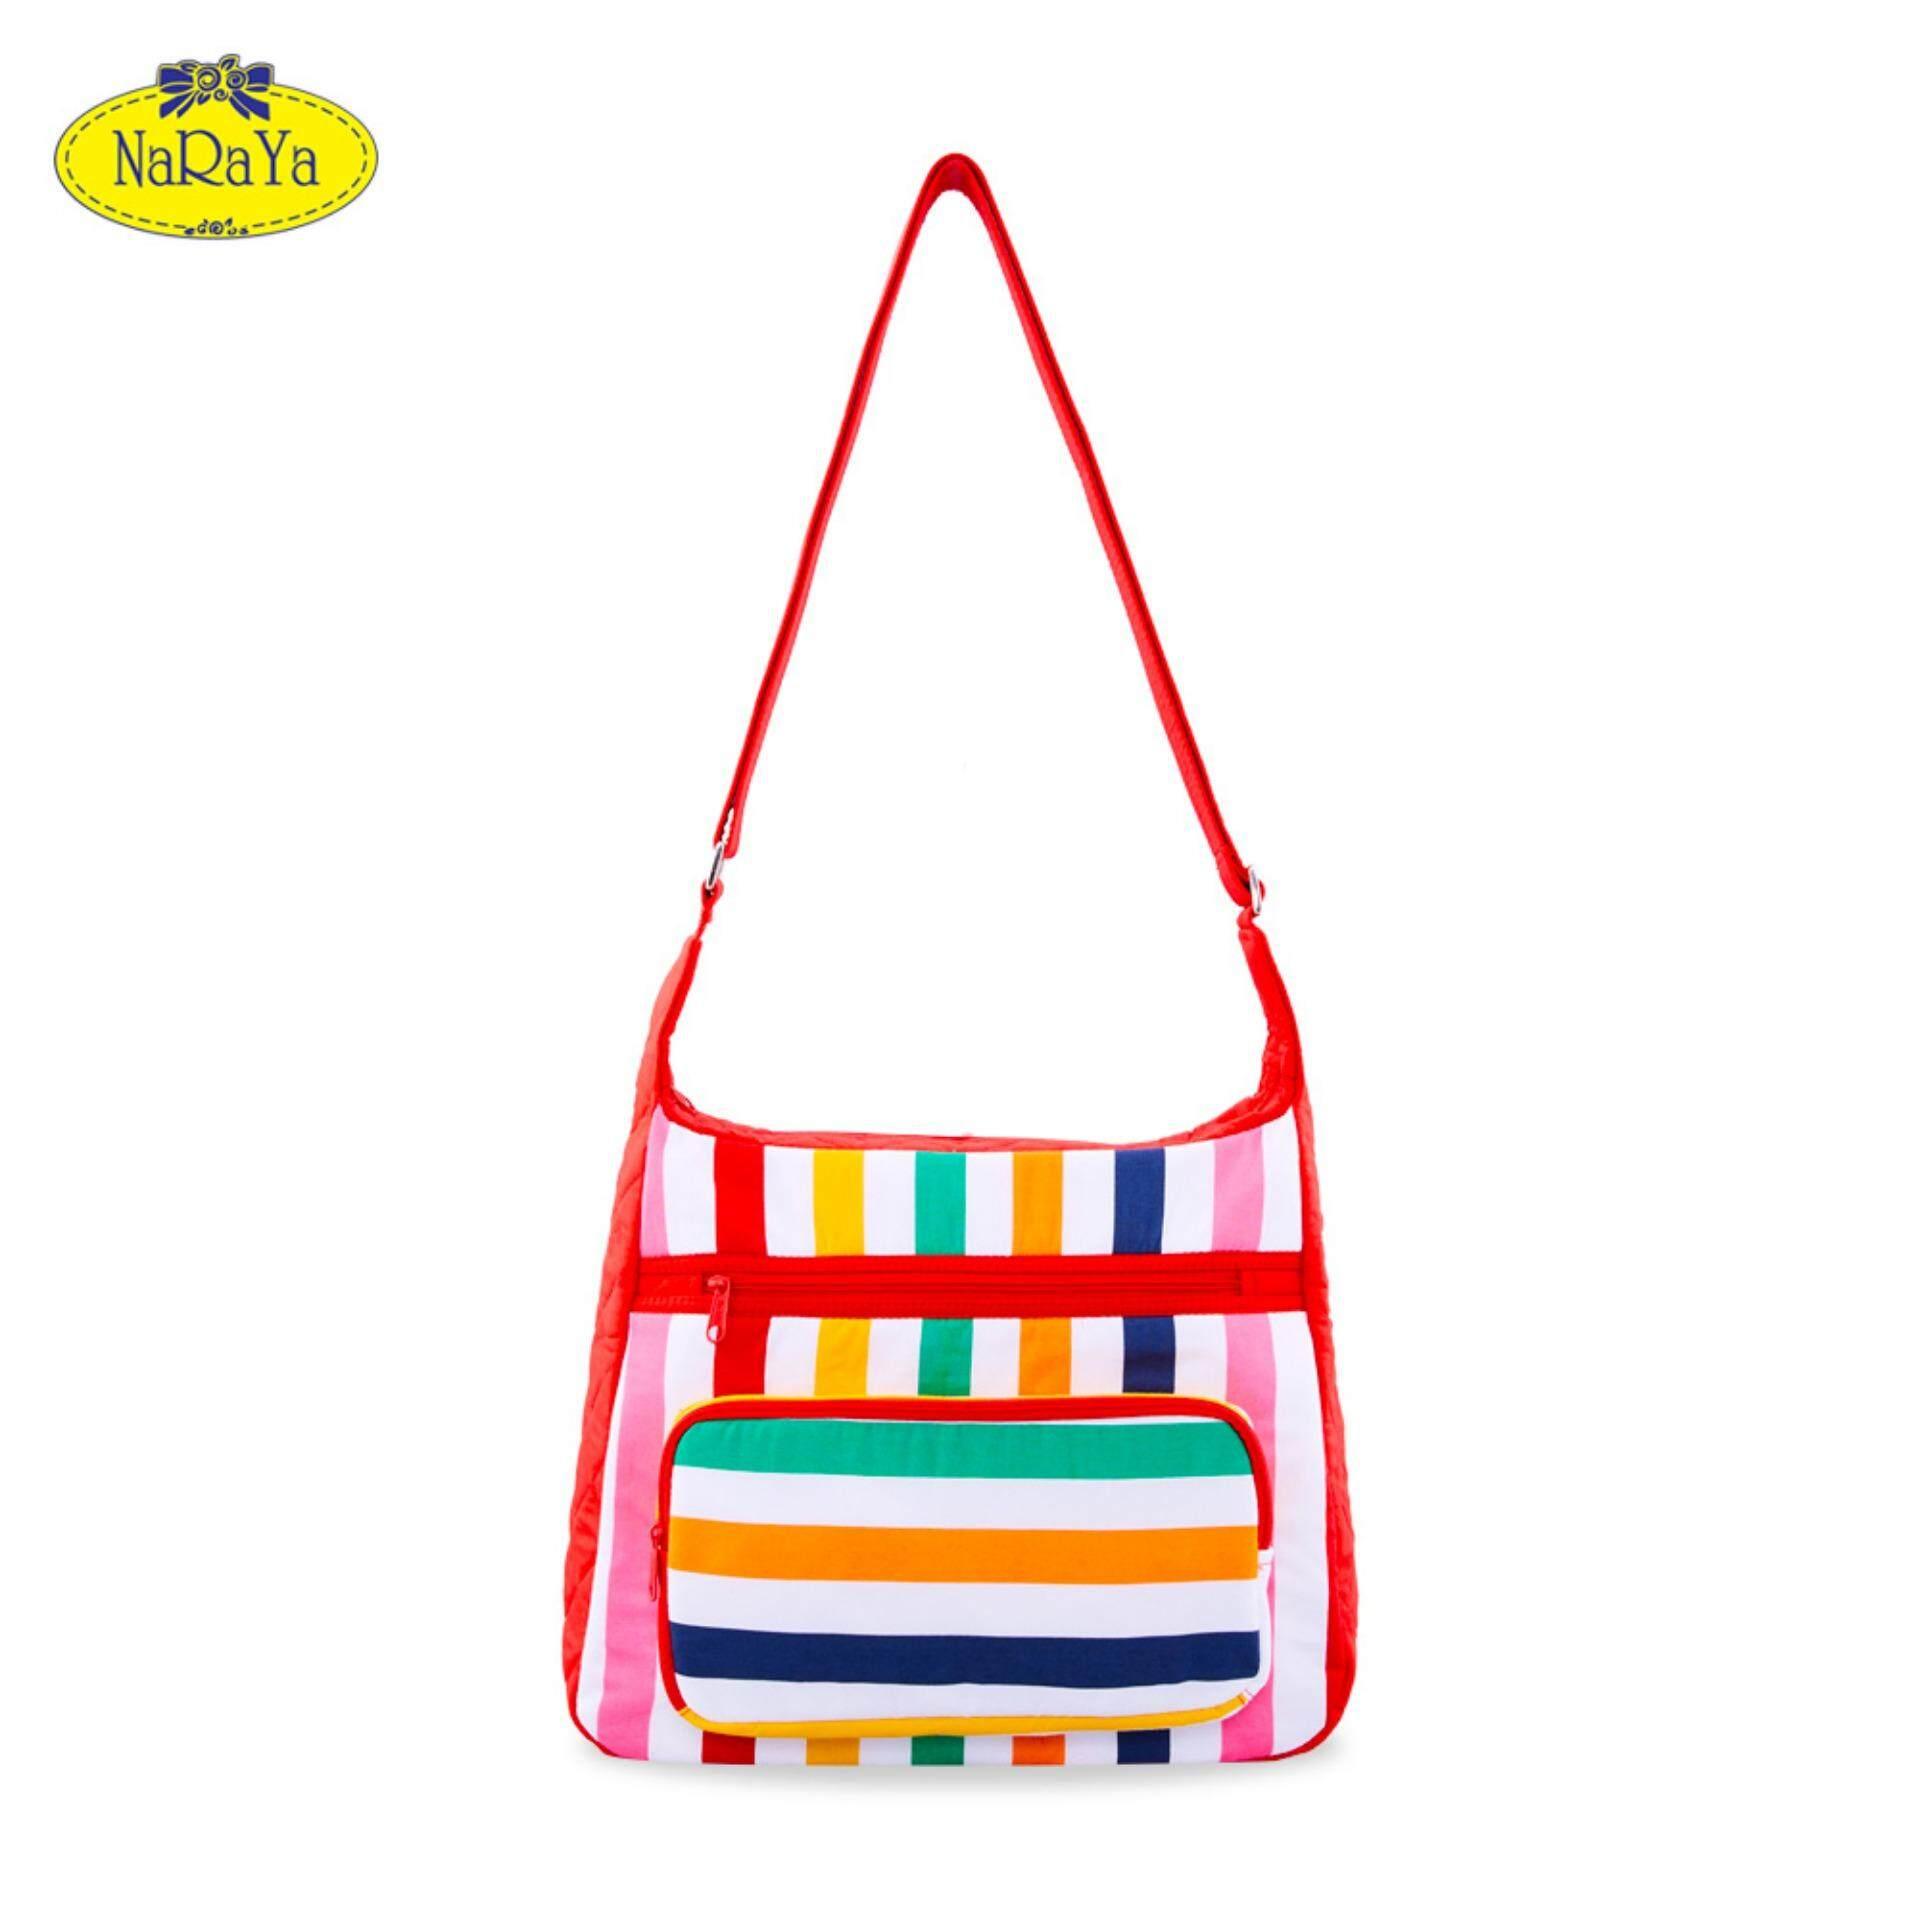 กระเป๋าสะพายข้าง NaRaYa Rainbow Striped with Quilted Inserts